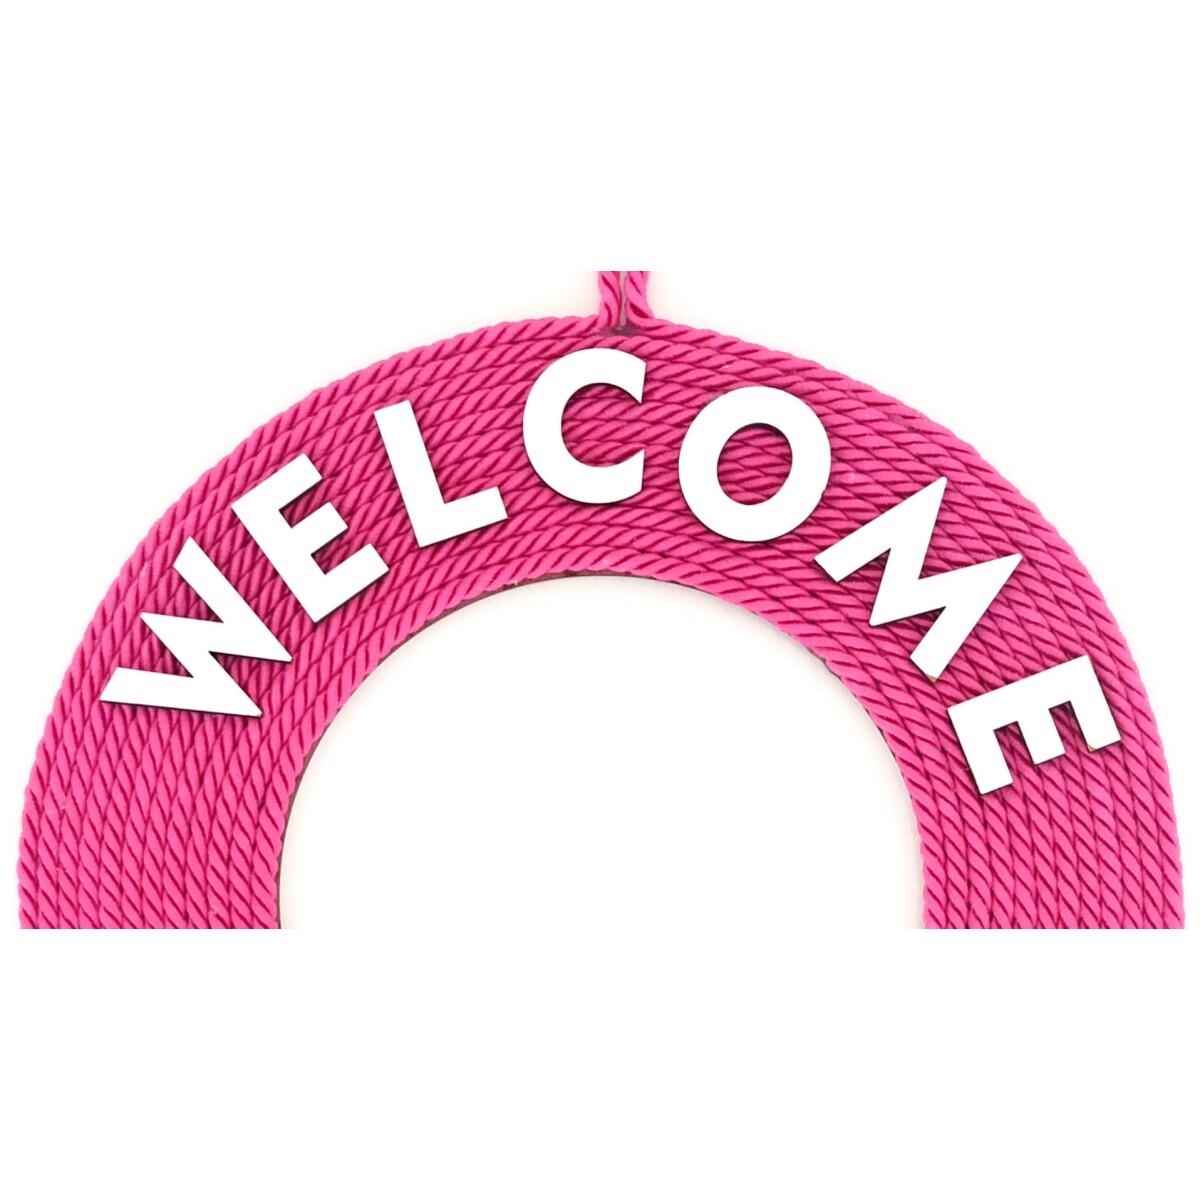 Fuşya Rengi Welcome Yazılı Papatyalı Kapı Süsü